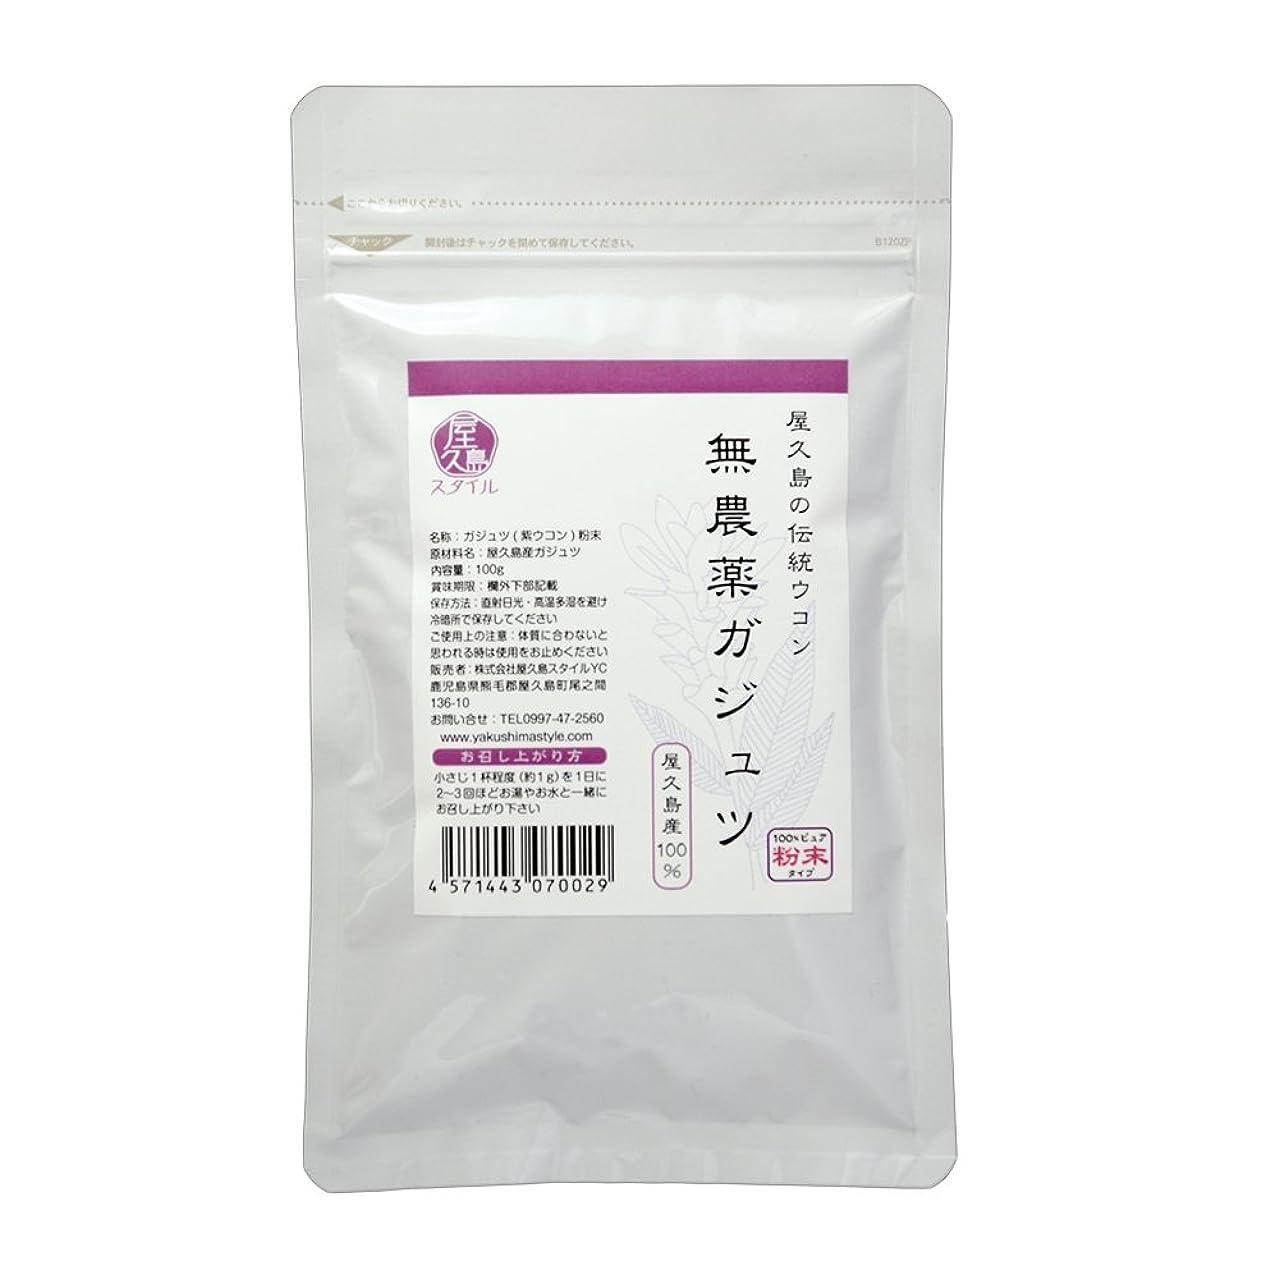 弾薬掃く玉【屋久島の伝統ウコン】屋久島ガジュツ(紫ウコン)粉100g